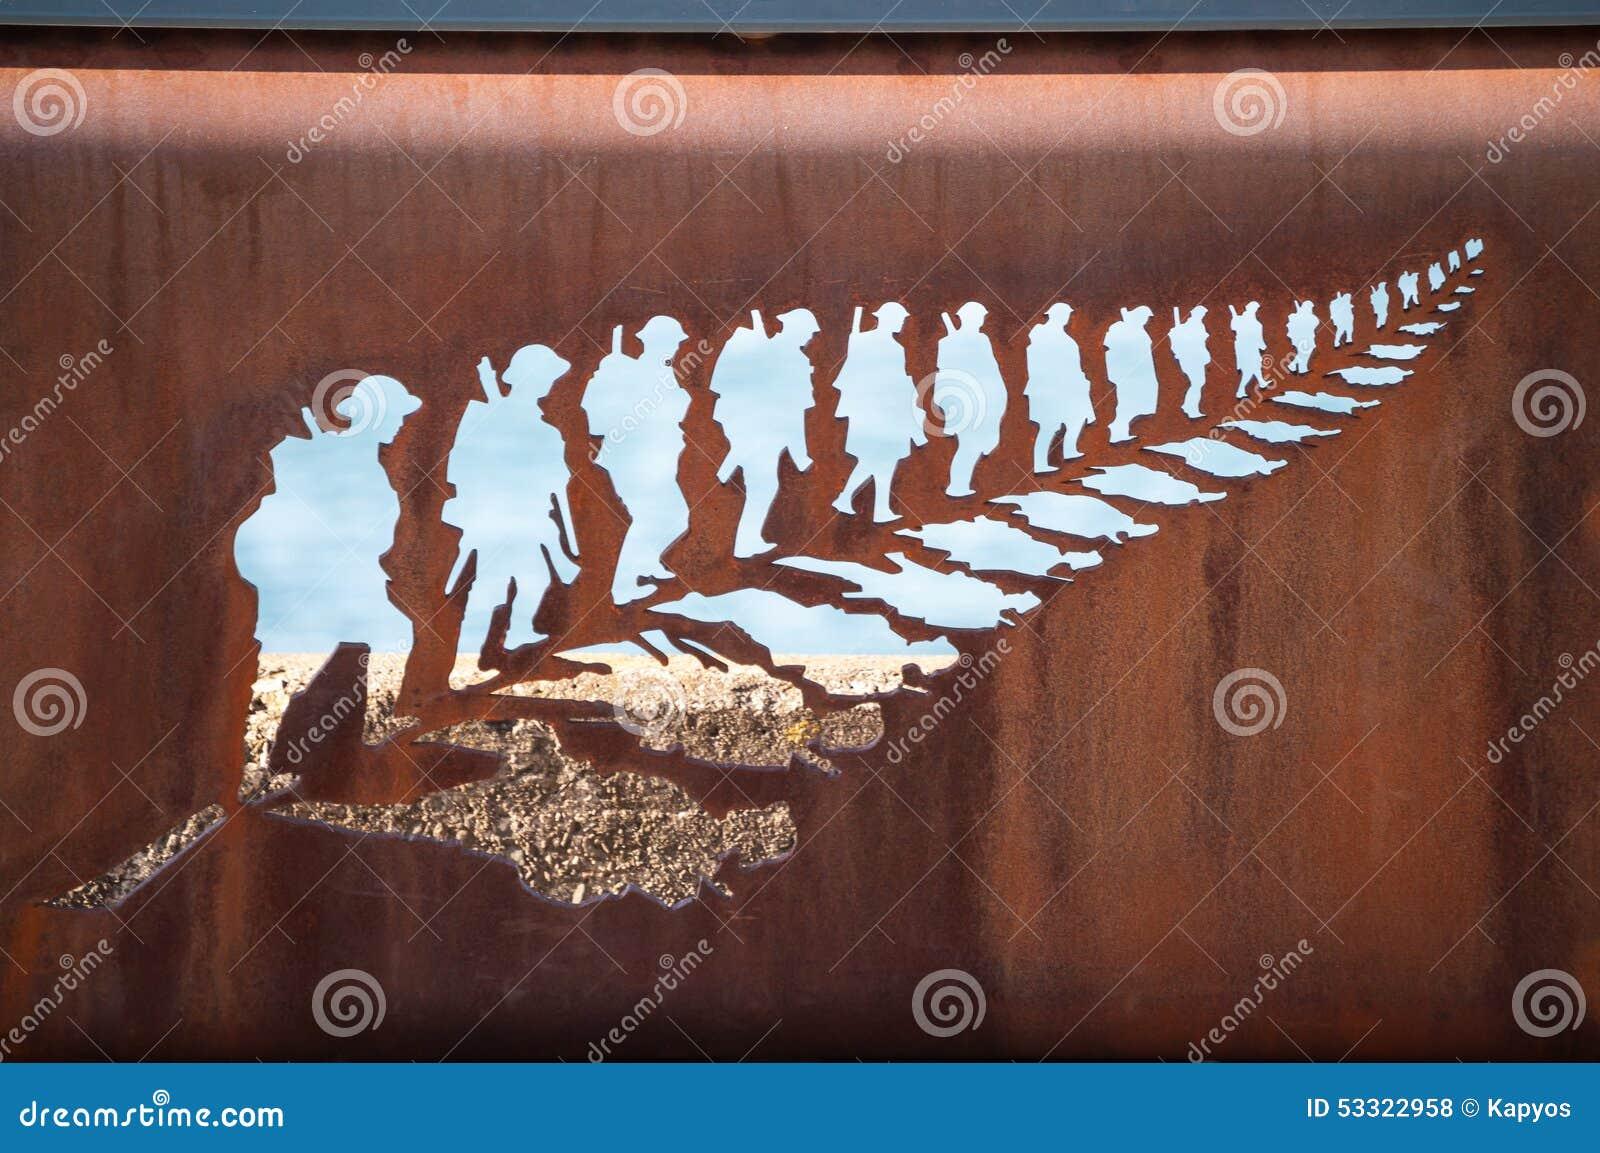 Żelaznego rzeźba paprociowego liścia wyszkoleni żołnierze